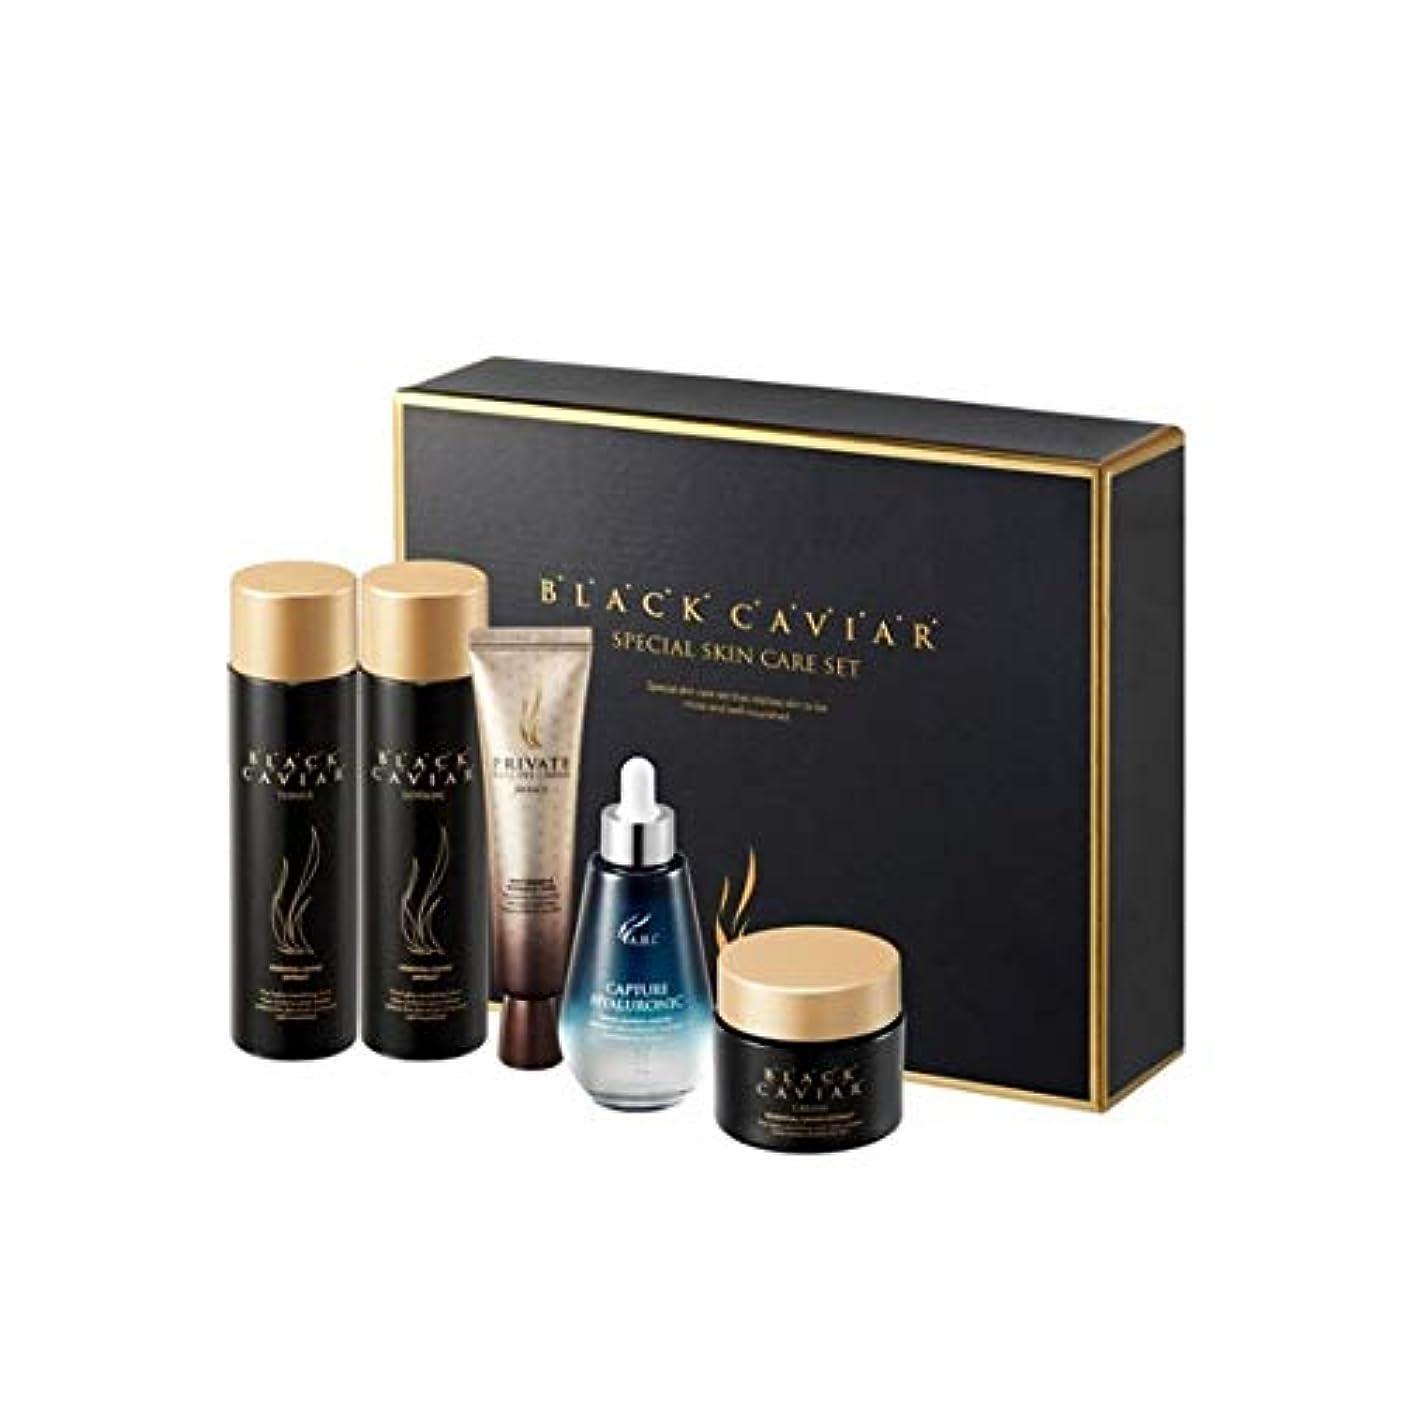 シロクマデュアル仮定AHCブラックキャビアスキンケアセットトナーローションクリームアイクリームアンプル、AHC Black Caviar Skincare Set Toner Lotion Cream Eye Cream Ampoule [並行輸入品]